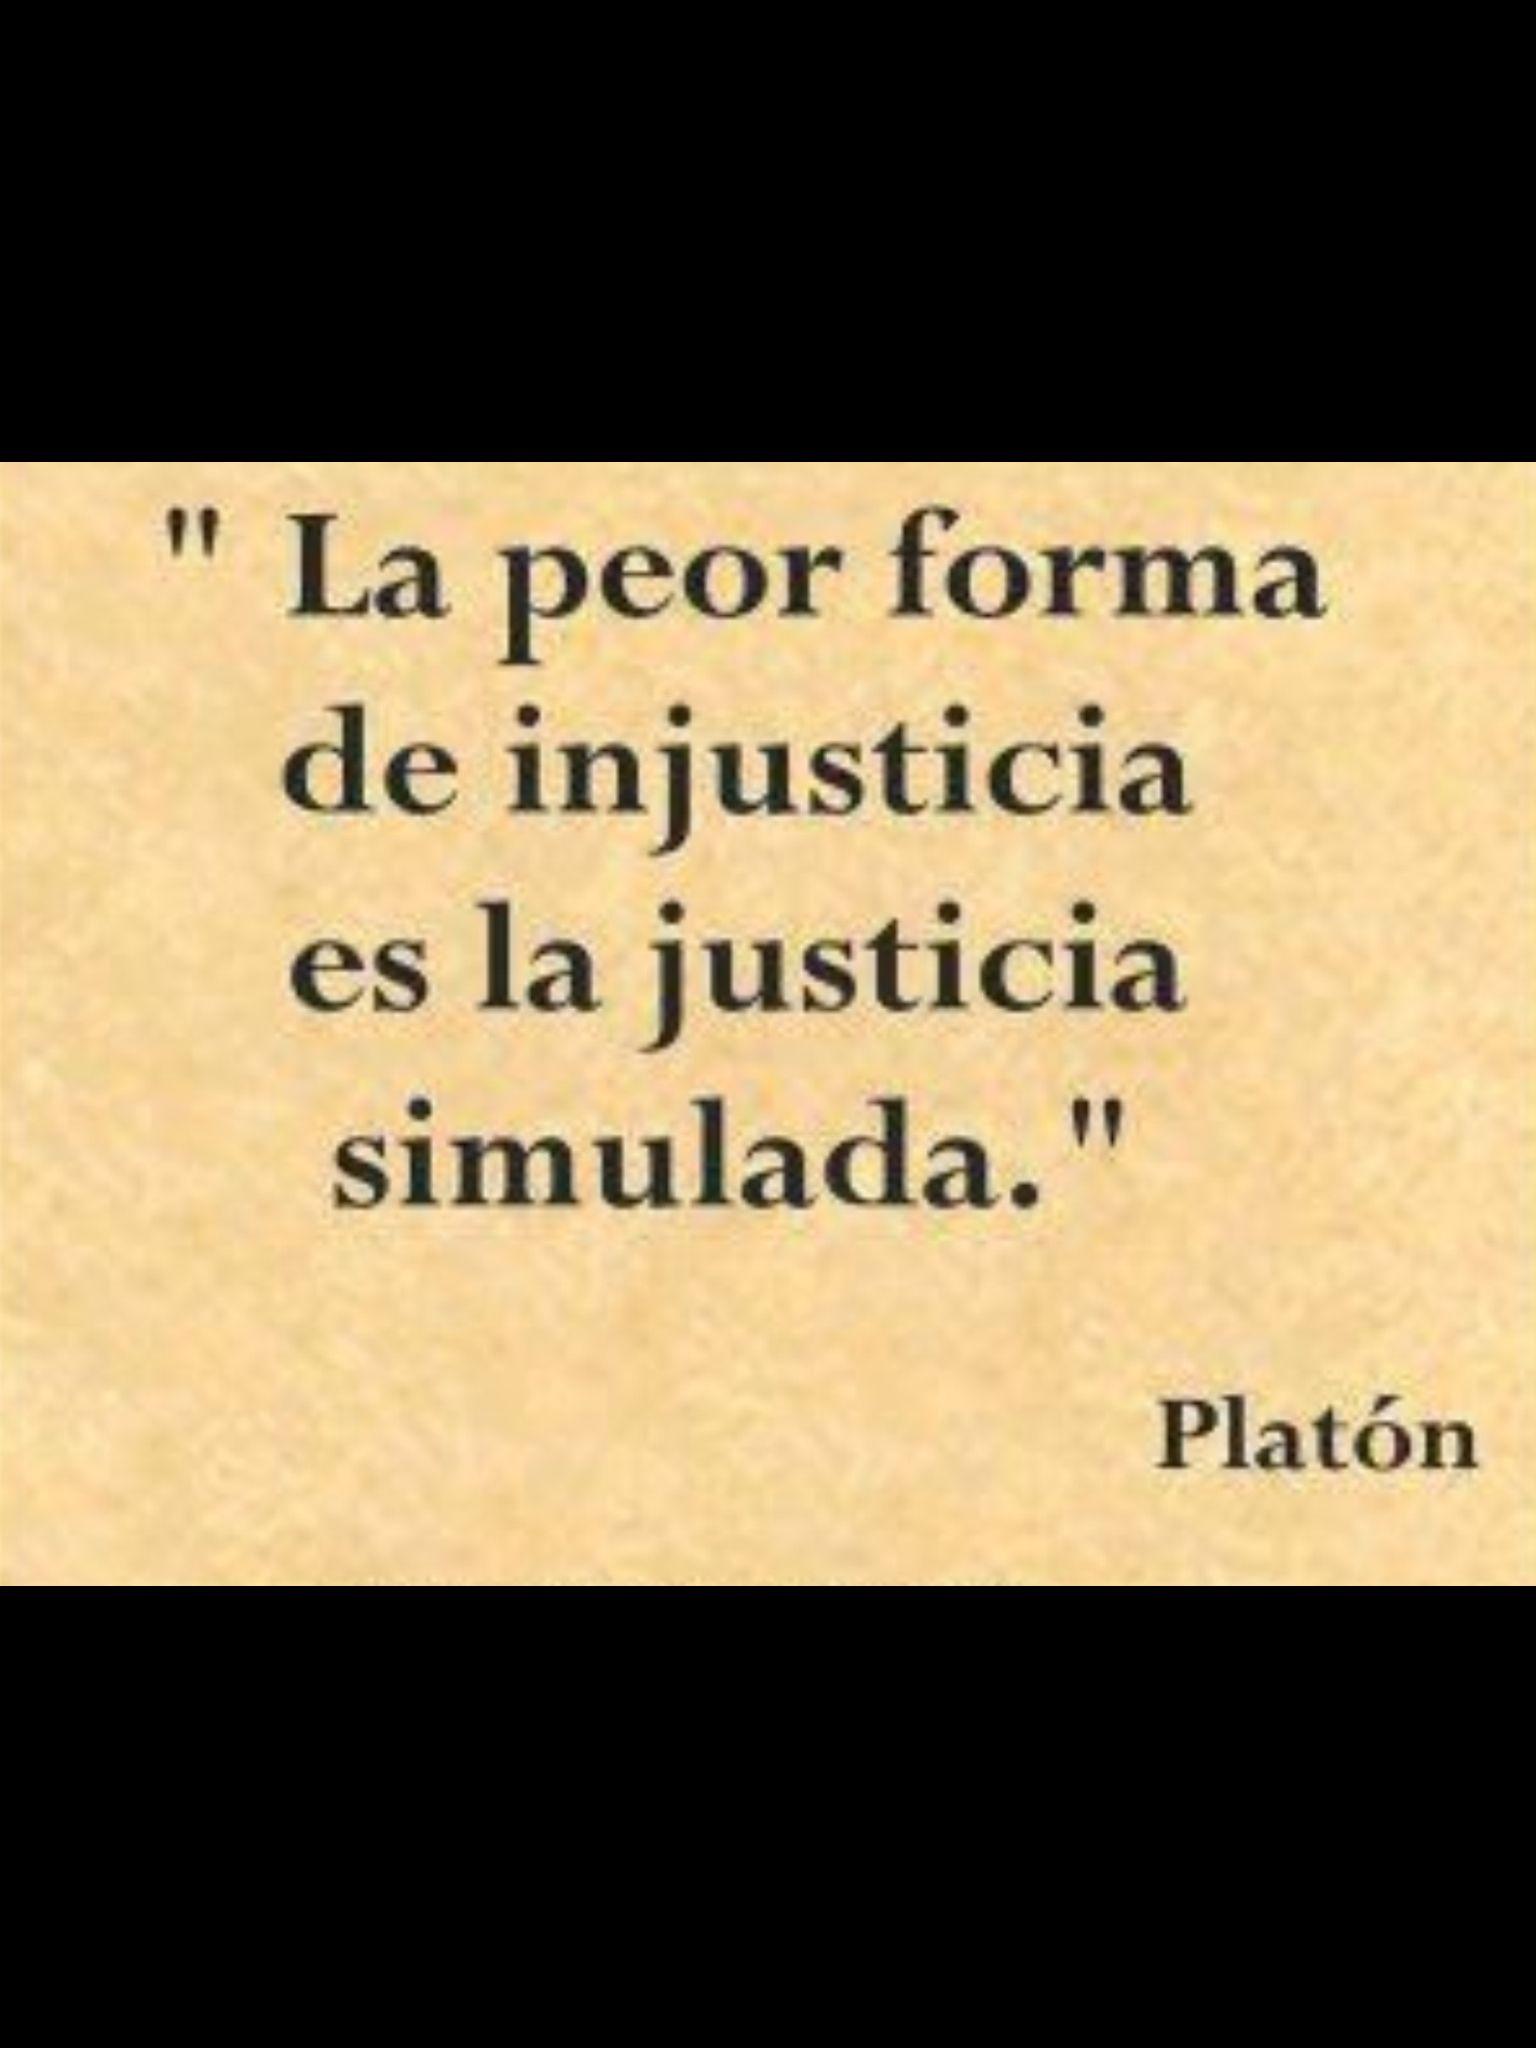 La Injusticia Frases De Injusticia Citas Frases Y Frases